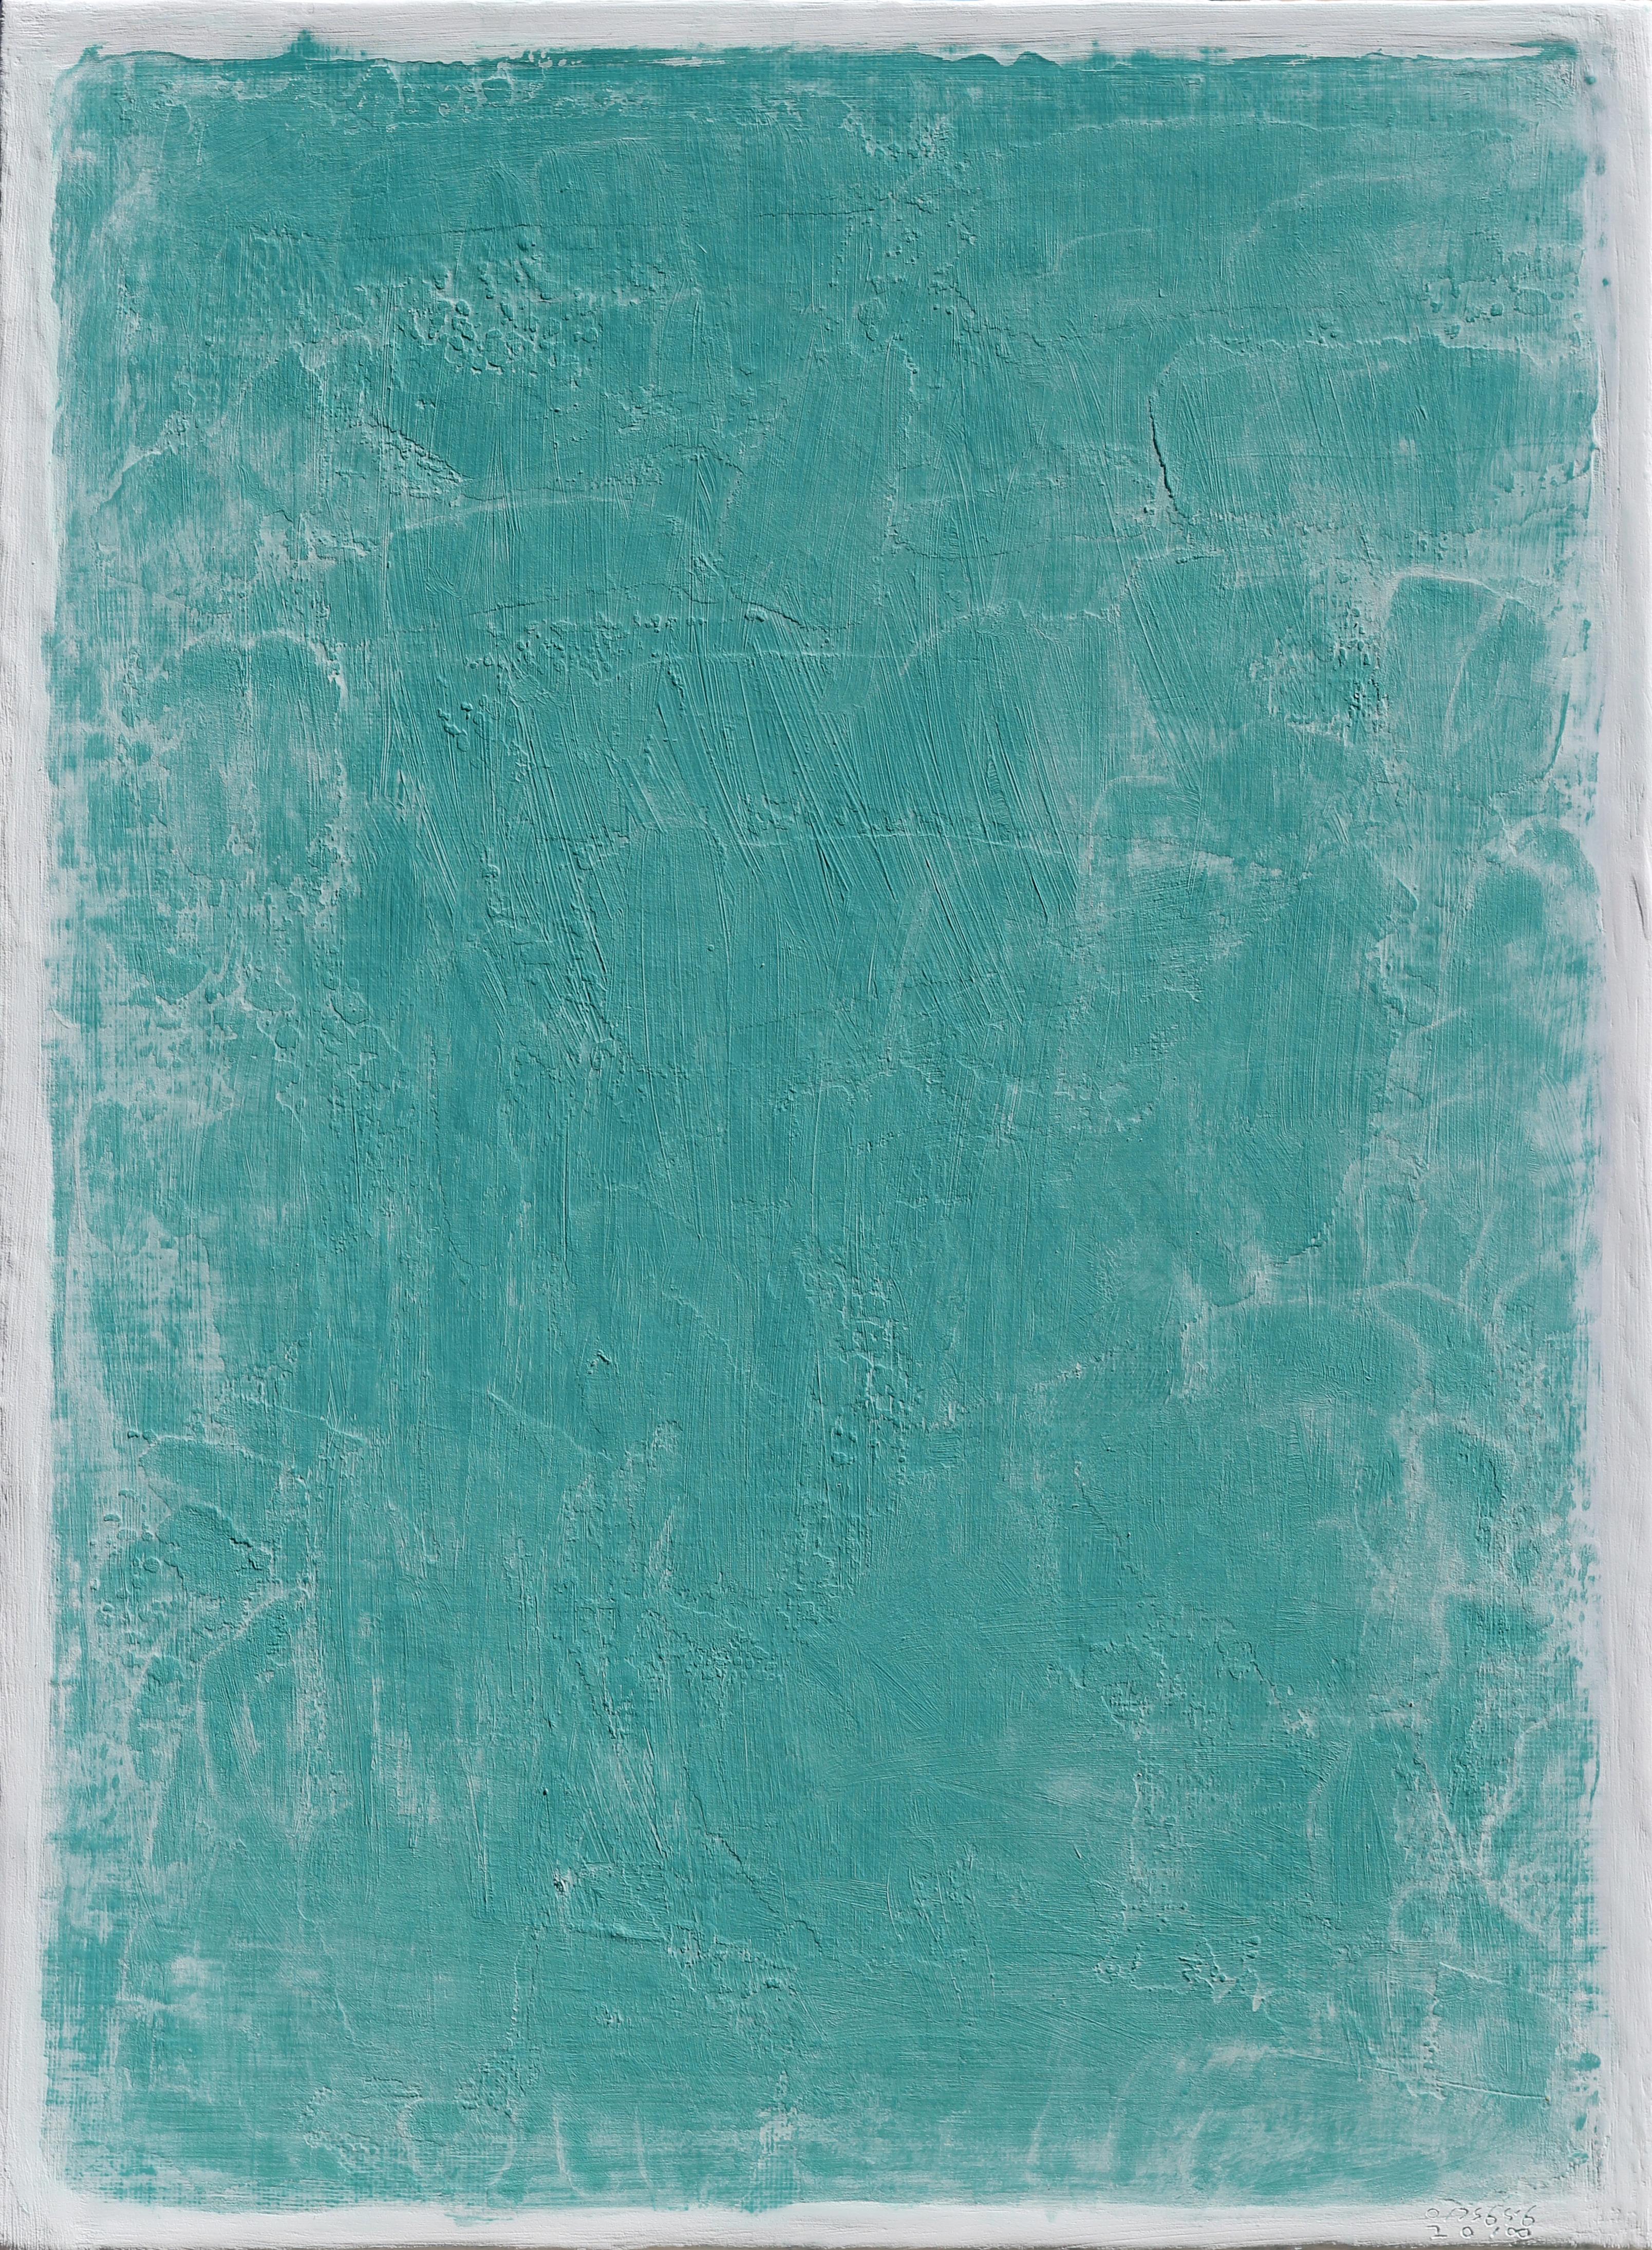 (이경성 1) _ 경계의끝_캔버스위에 소멸침식법,45.5 x 33.4 cm,2018